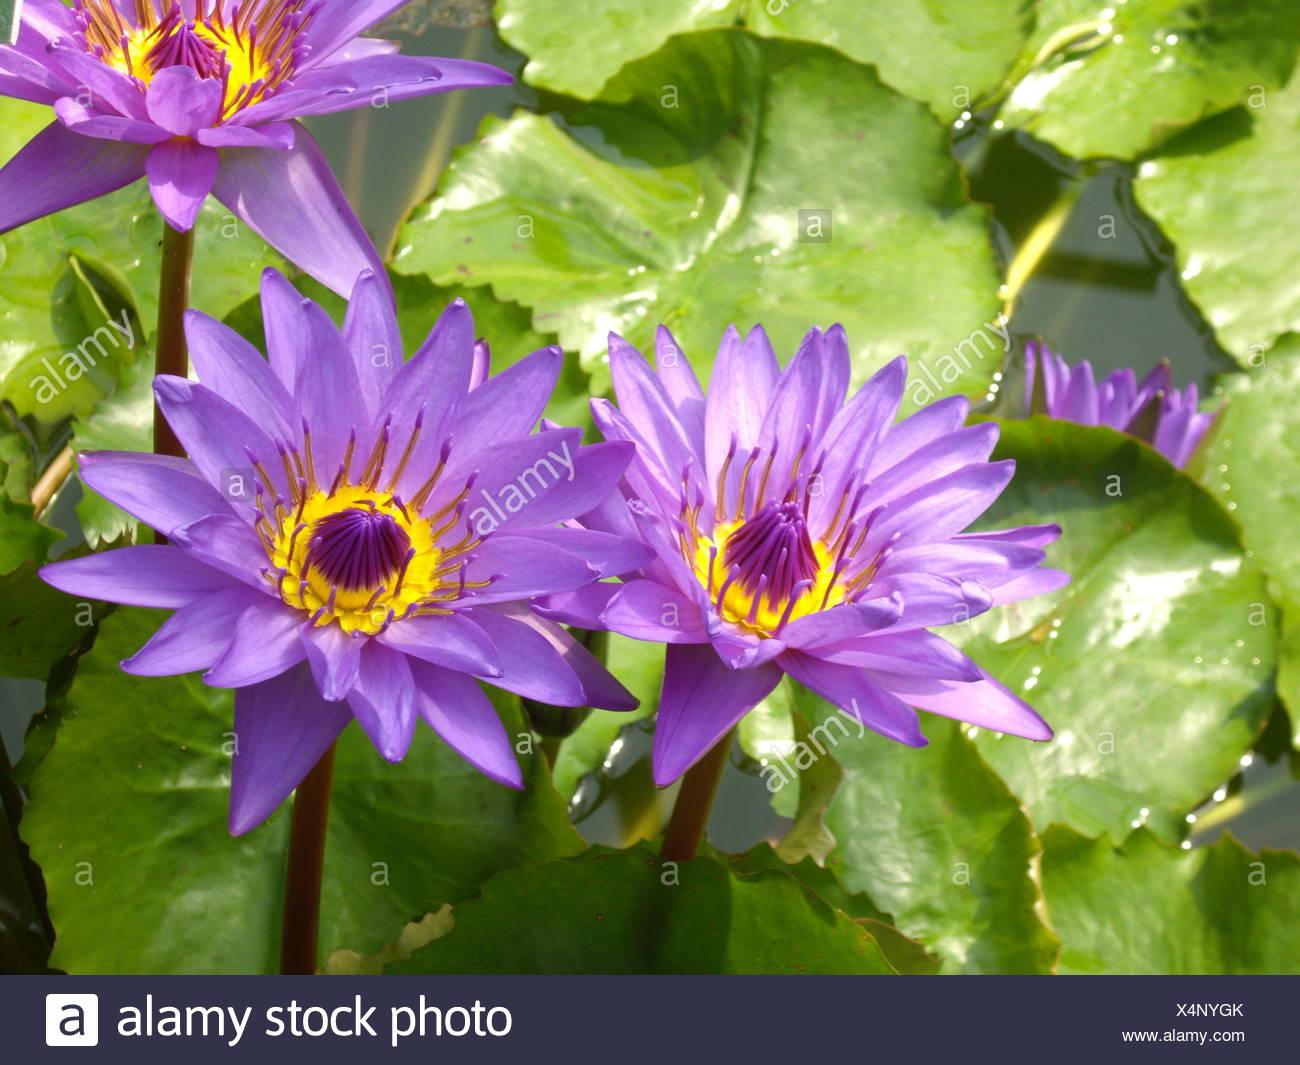 Immagini Piante E Fiori piante e fiori africa acqua giglio pianta acquatica giardino